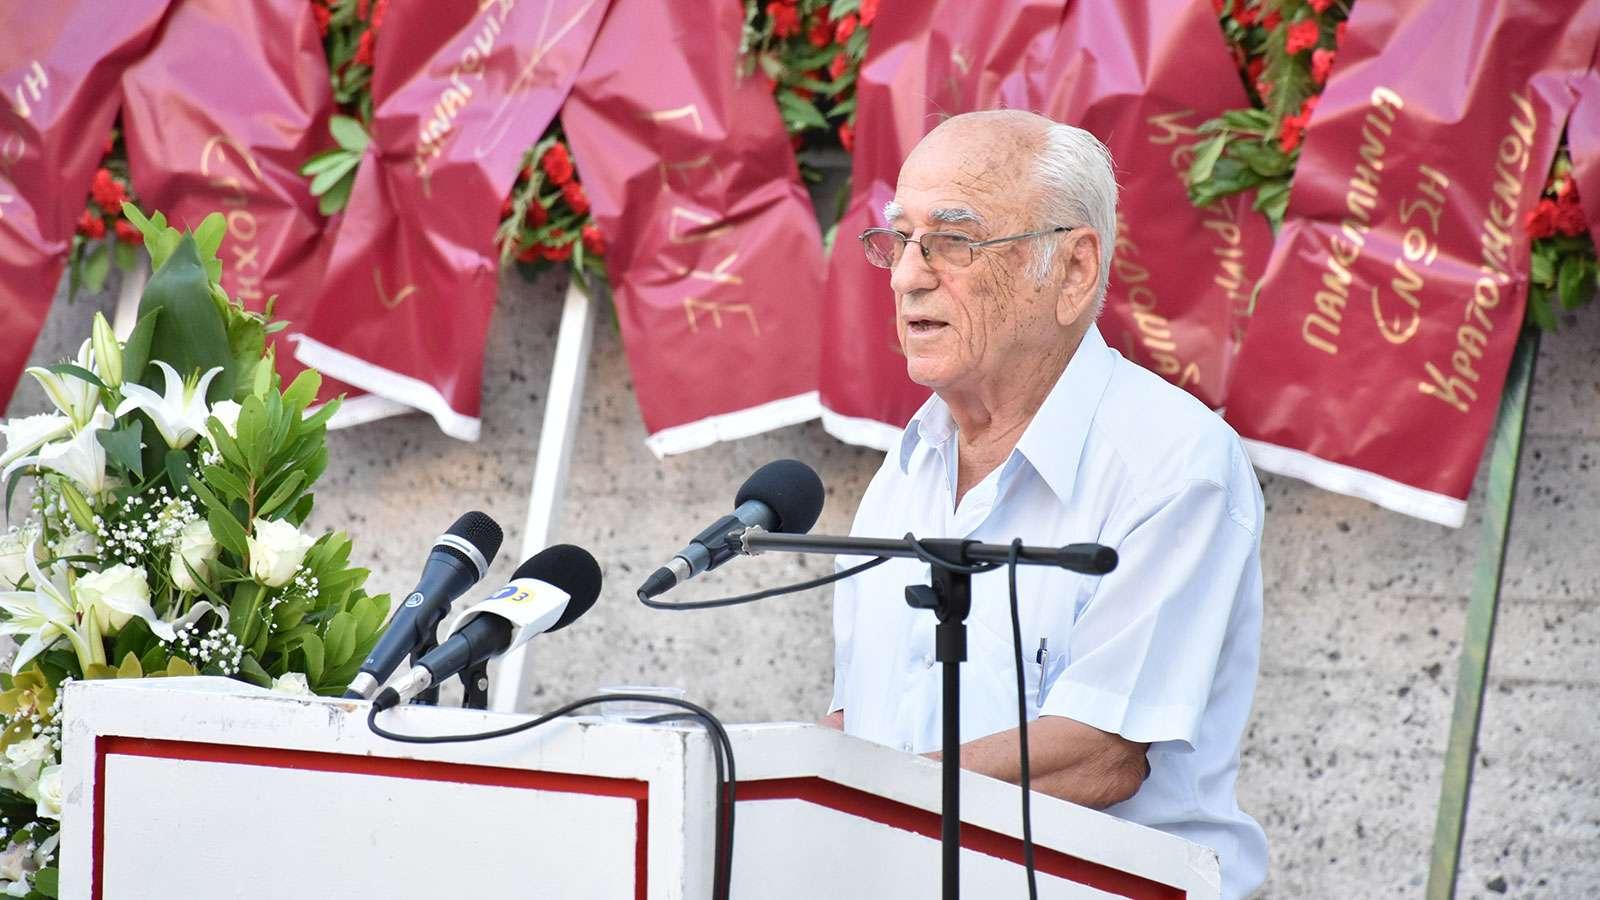 Γιώργης Φαρσακίδης κηδεία ο Κώστας Σαπρανίδης στο βήμα